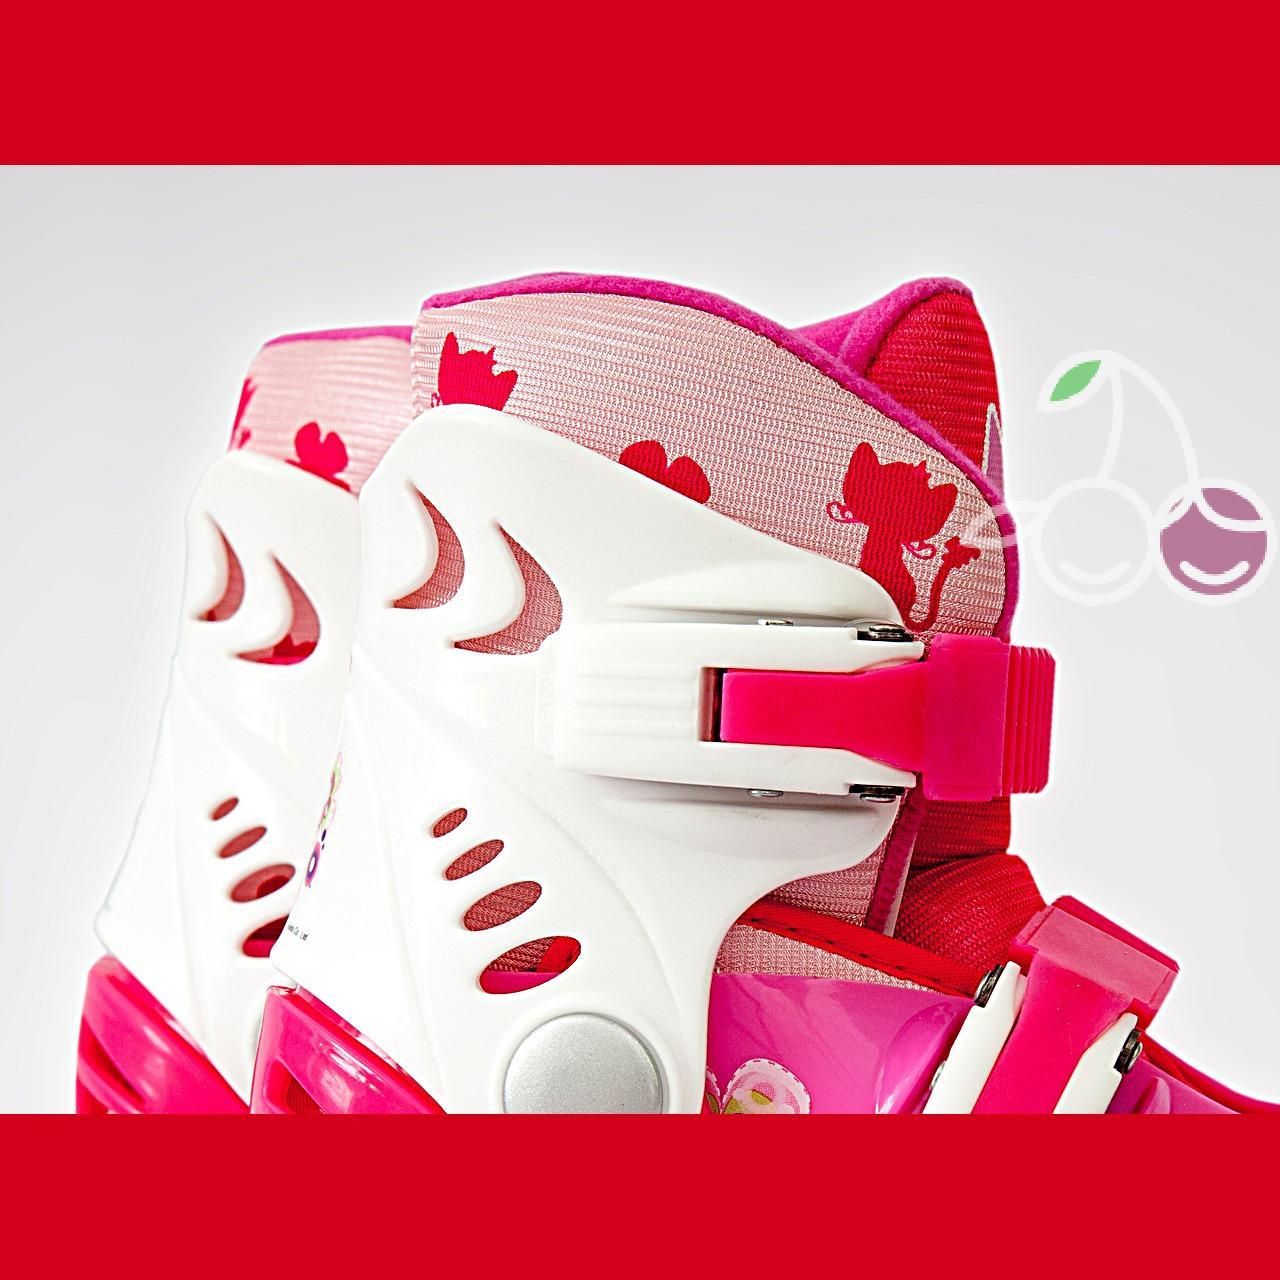 Роликовые коньки детские 28 размер, для обучения (трансформеры, раздвижной ботинок) MagicWheels розовые, - фото 5